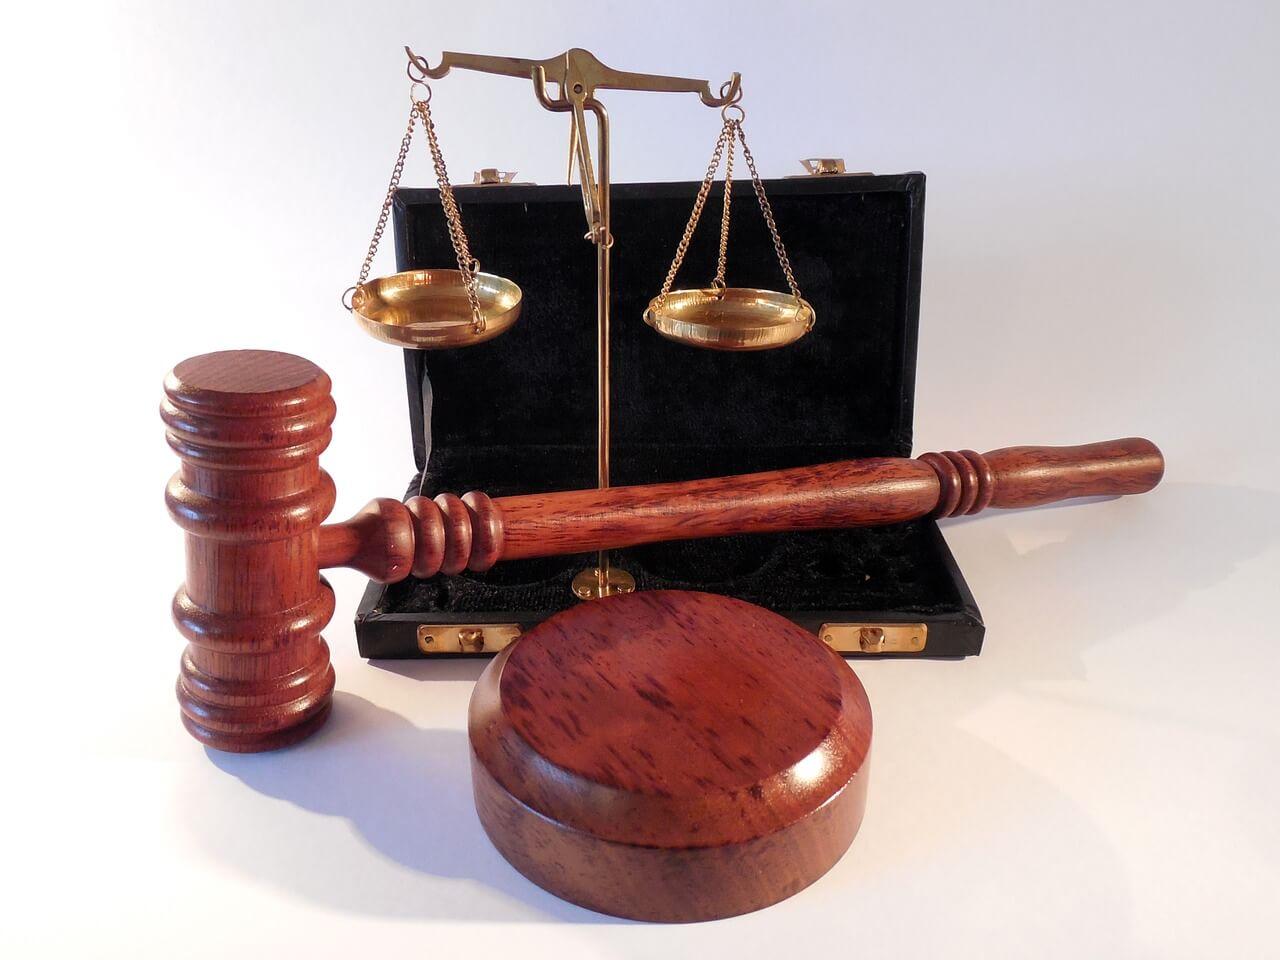 Die 10 größten Justizirrtümer der Welt